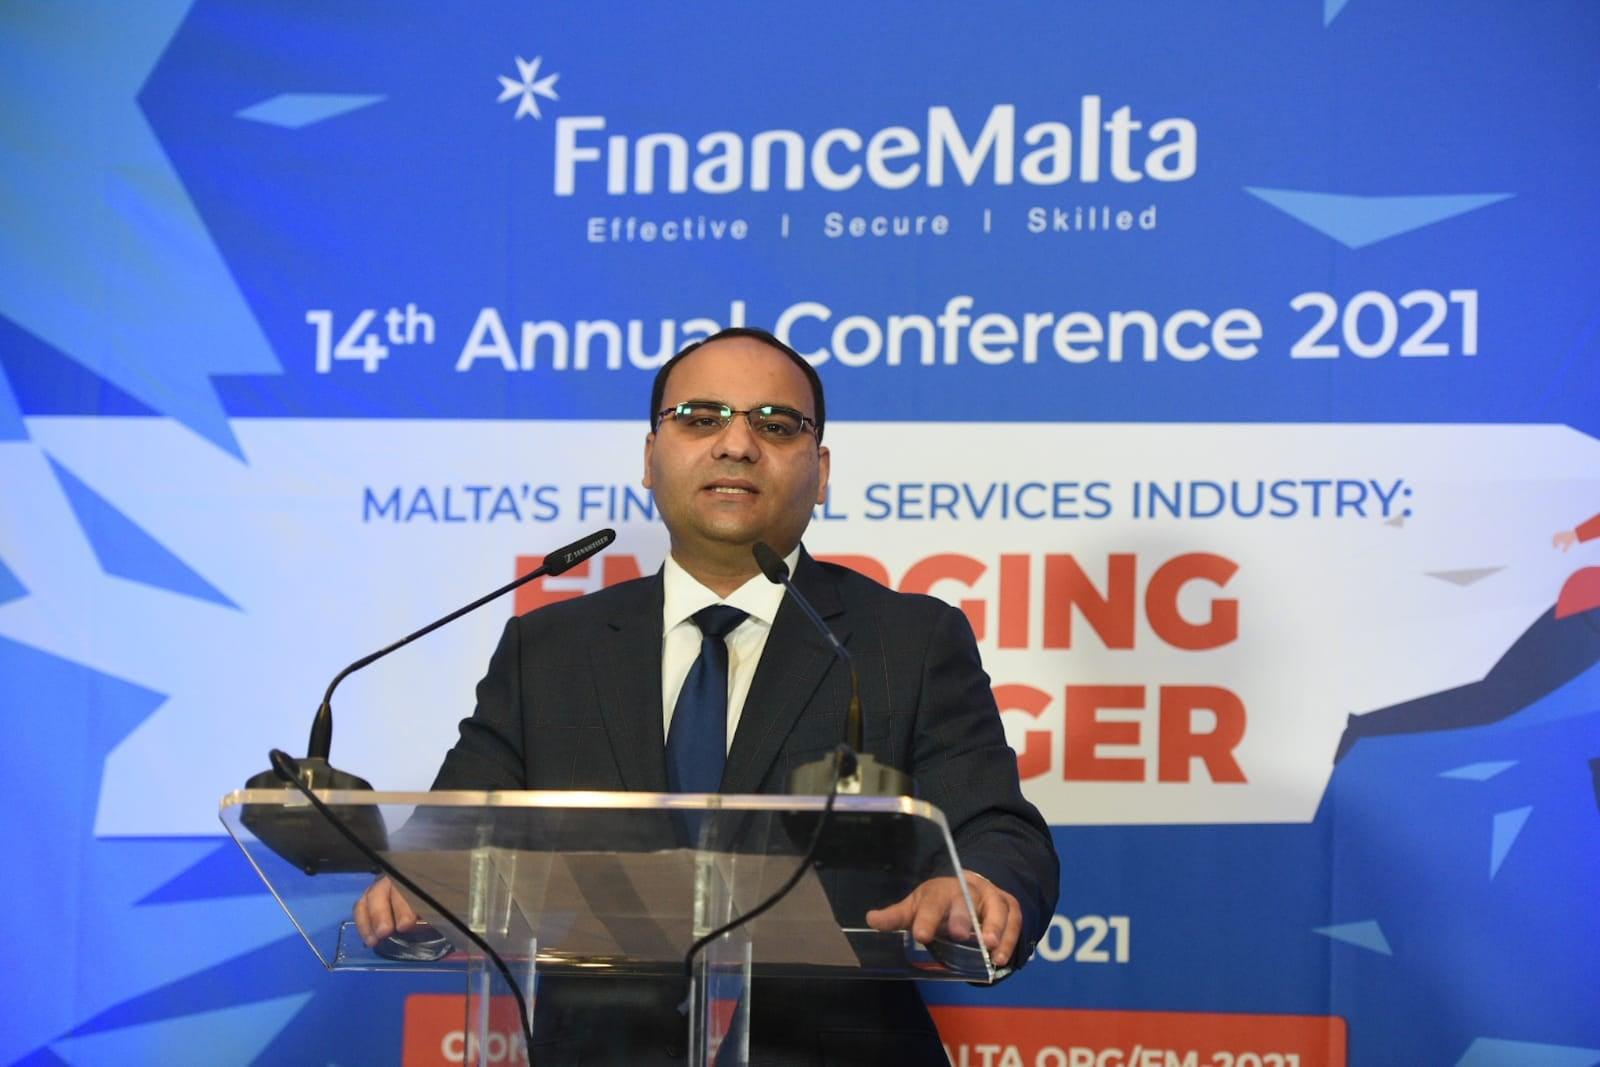 Clyde Caruana - FinanceMalta 14th Annual Conference